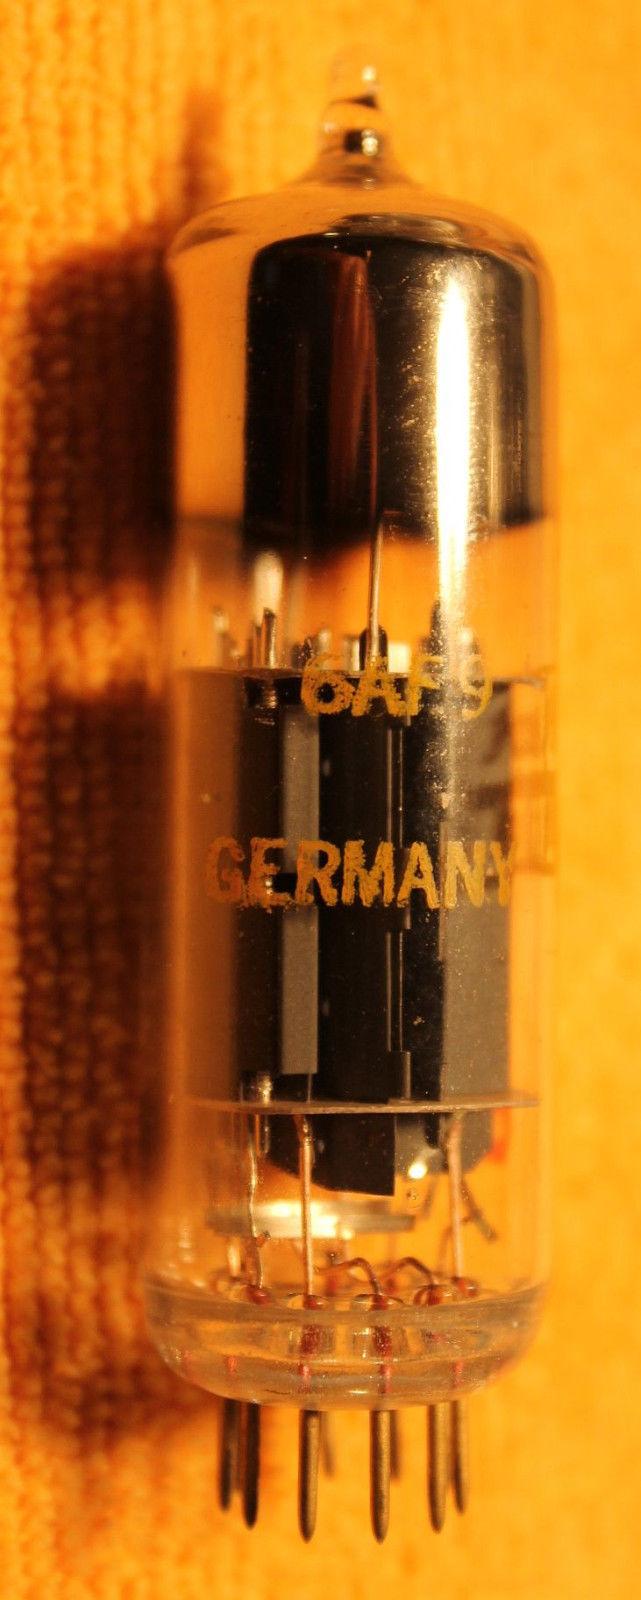 Vintage Radio Vacuum Tube (one): 6AF9 - Tested Good